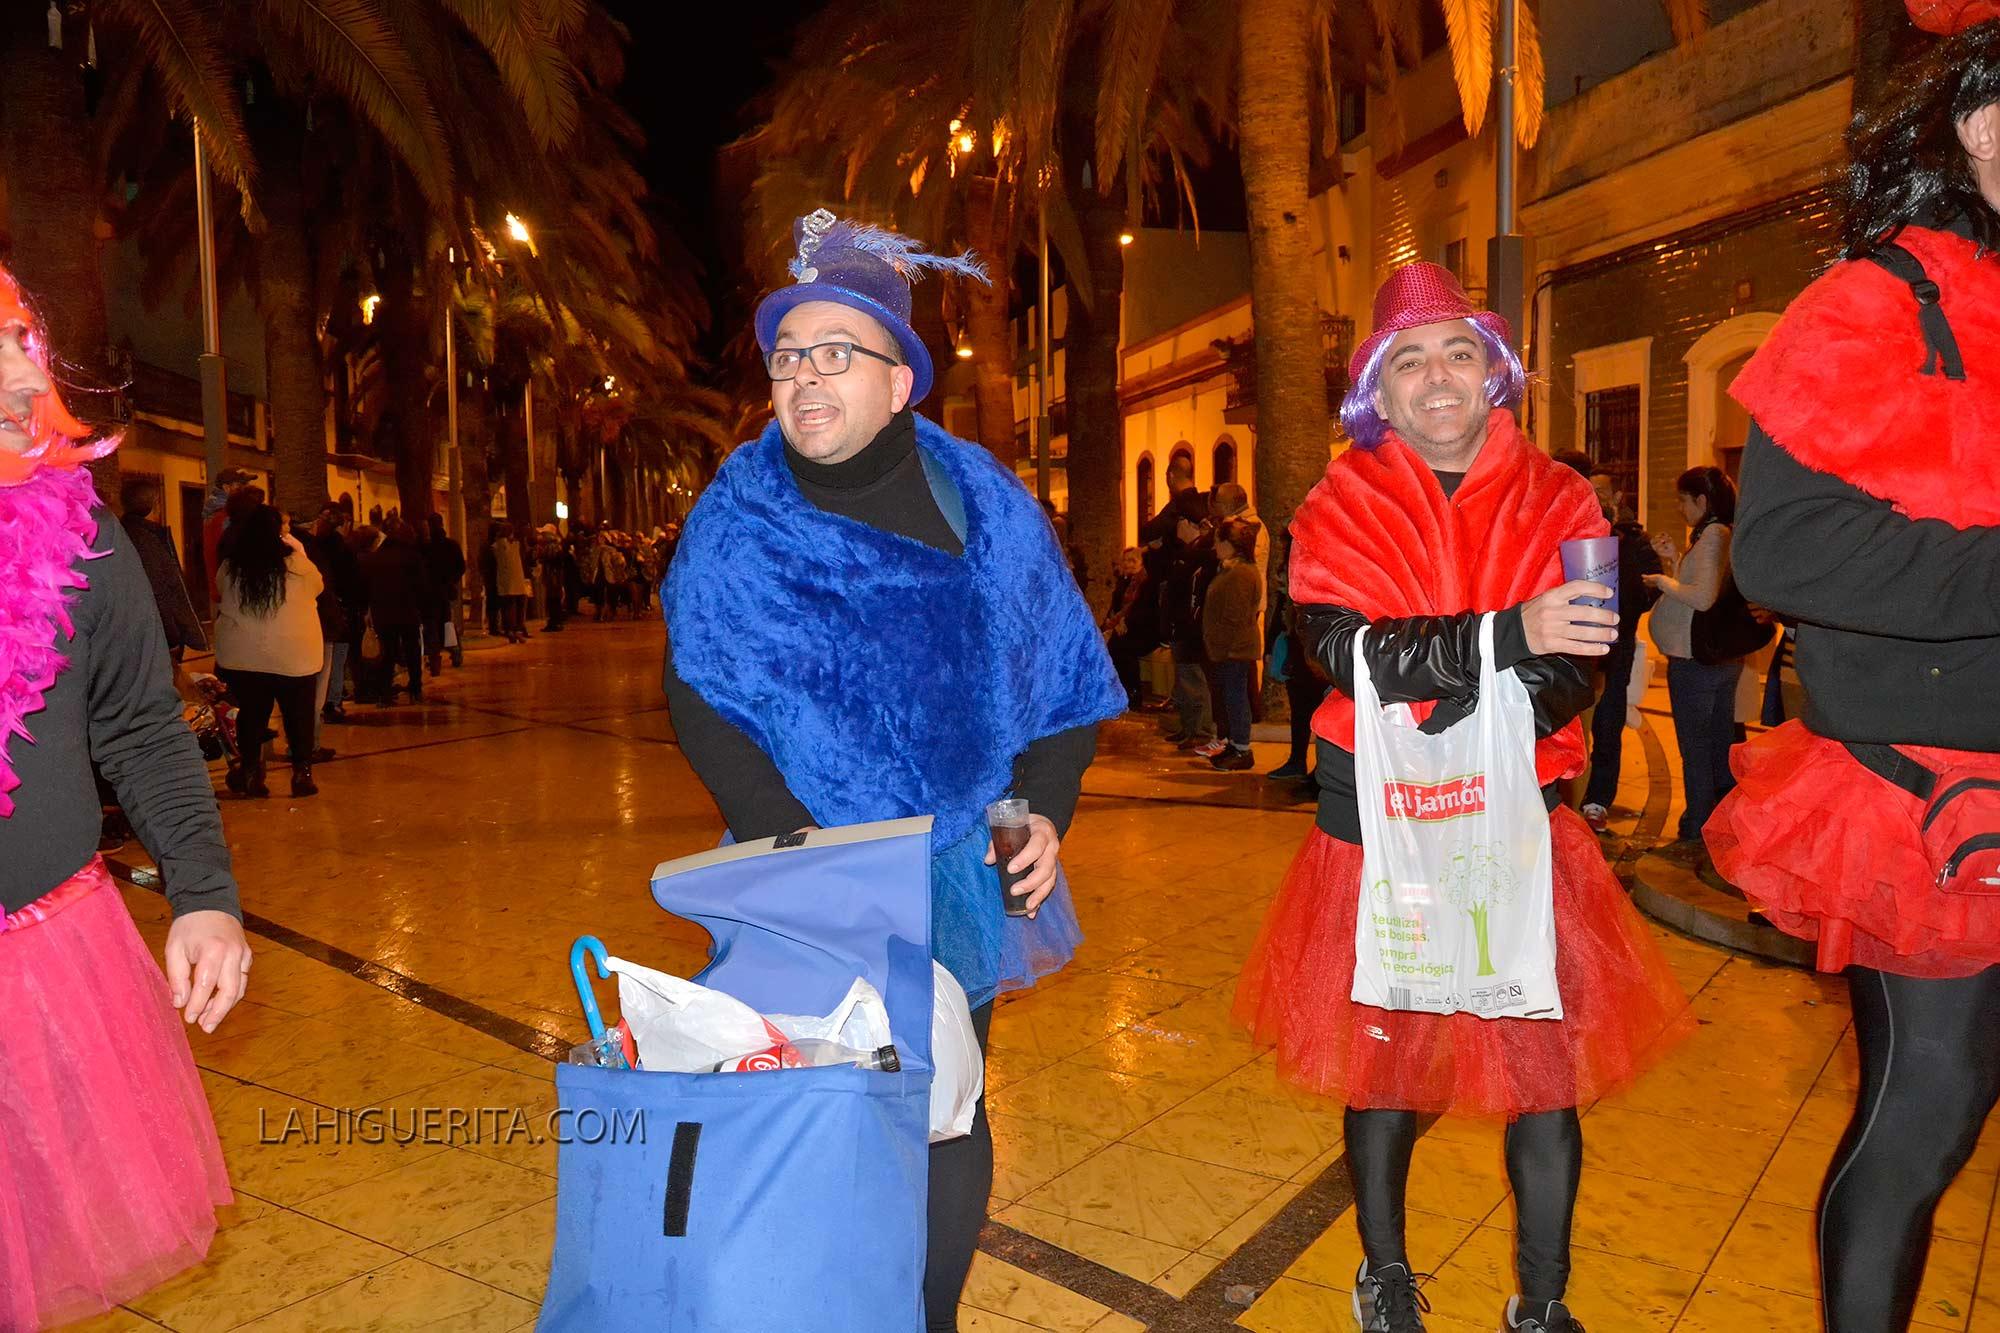 Entierro de la sardina carnaval isla cristina _DSC2199